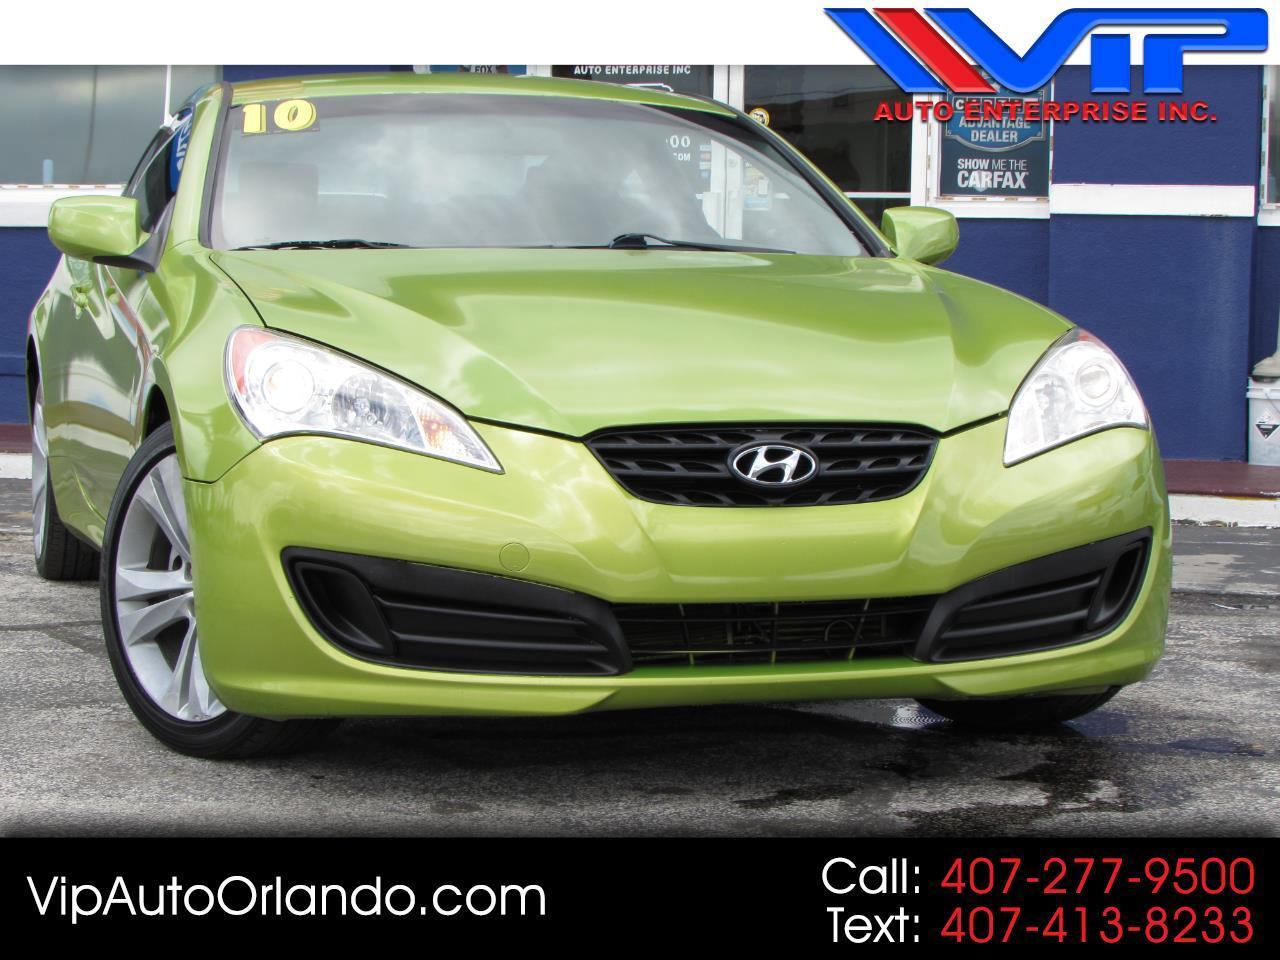 2010 Hyundai Genesis Coupe 2dr 2.0T Auto Premium